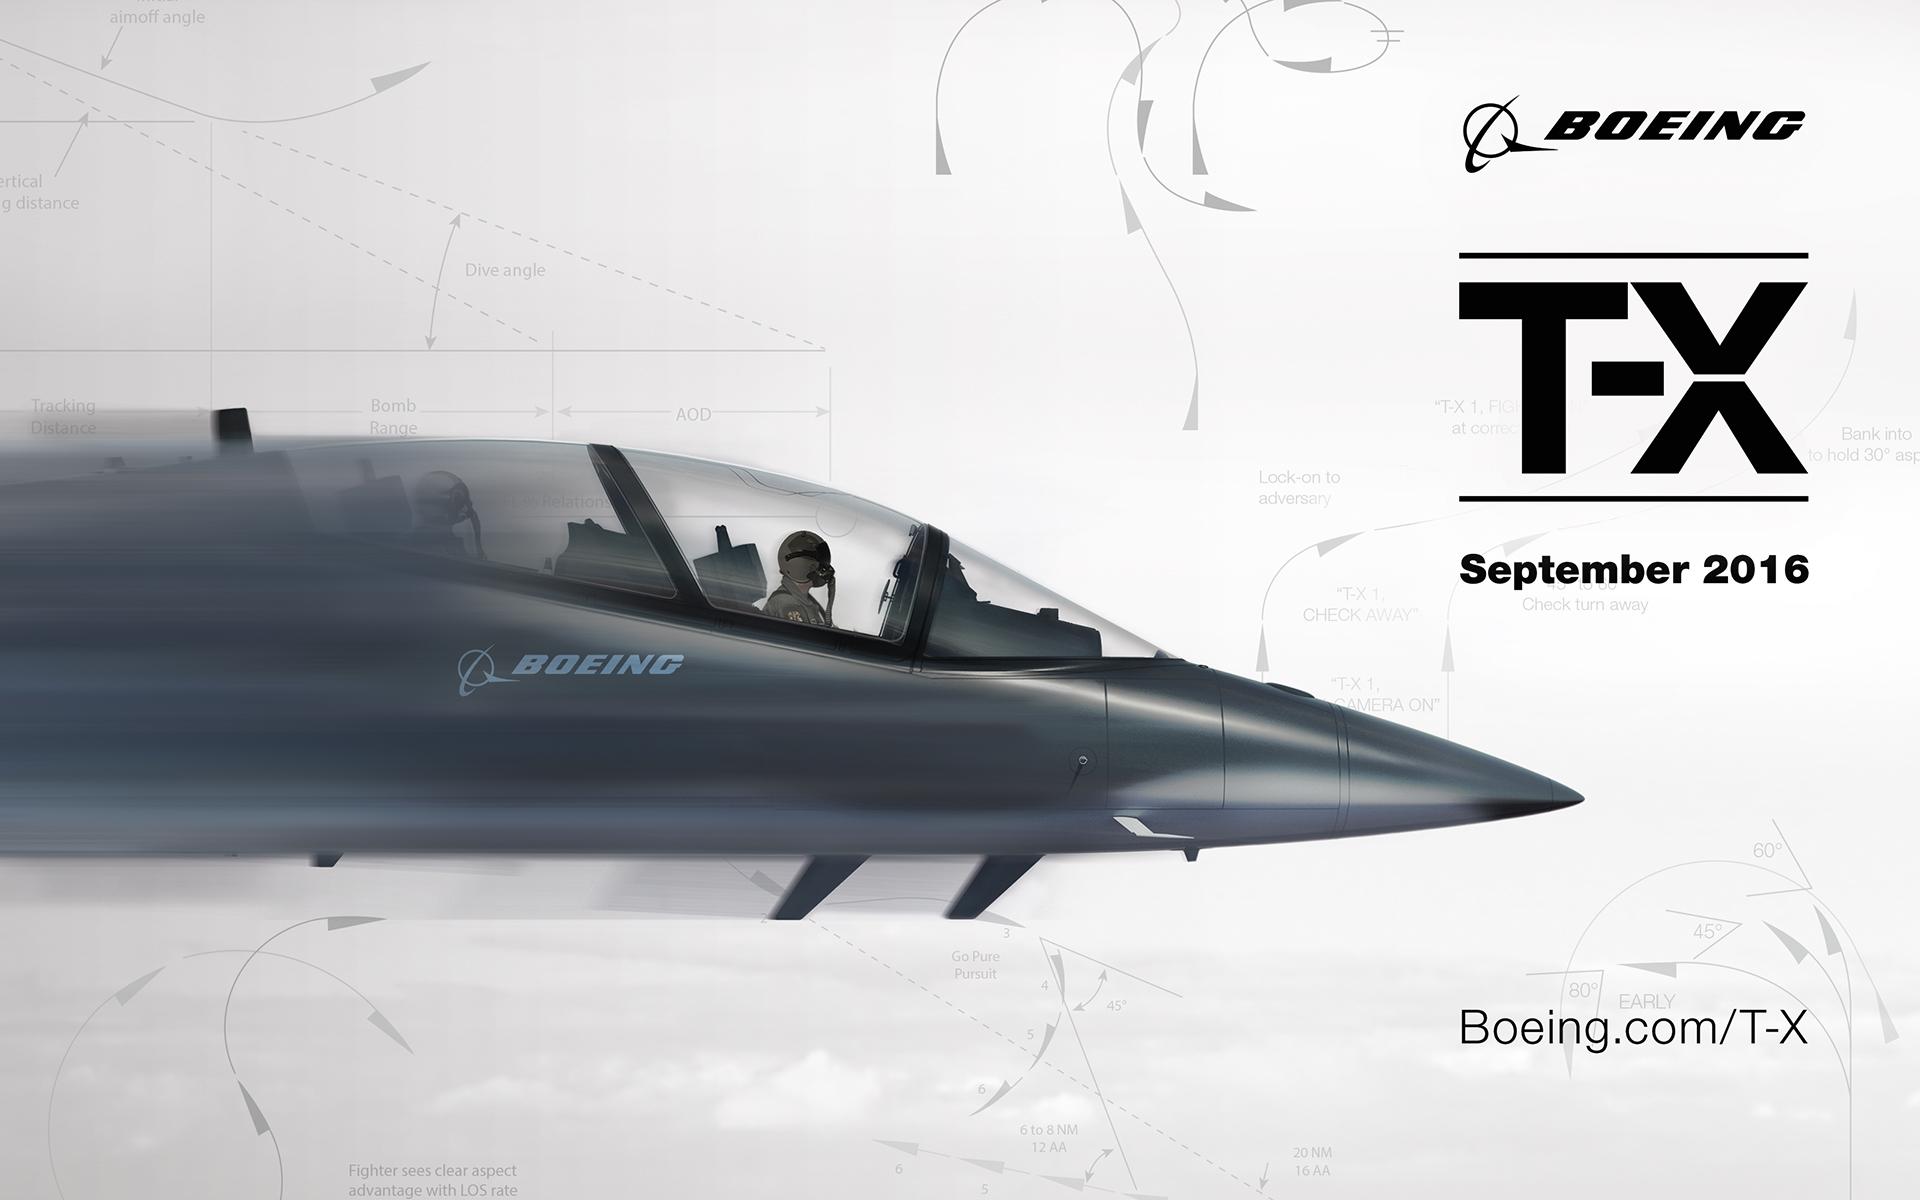 Maîtrisant sa communication de A à Z, Boeing n'a pas lésiné sur les moyens marketing pour attirer l'attention sur son T-X.Bien avant la première présentation en public, l'avionneur de Saint Louis inondait les réseaux sociaux de prévisualisations de son nouvel appareil. (© Boeing)